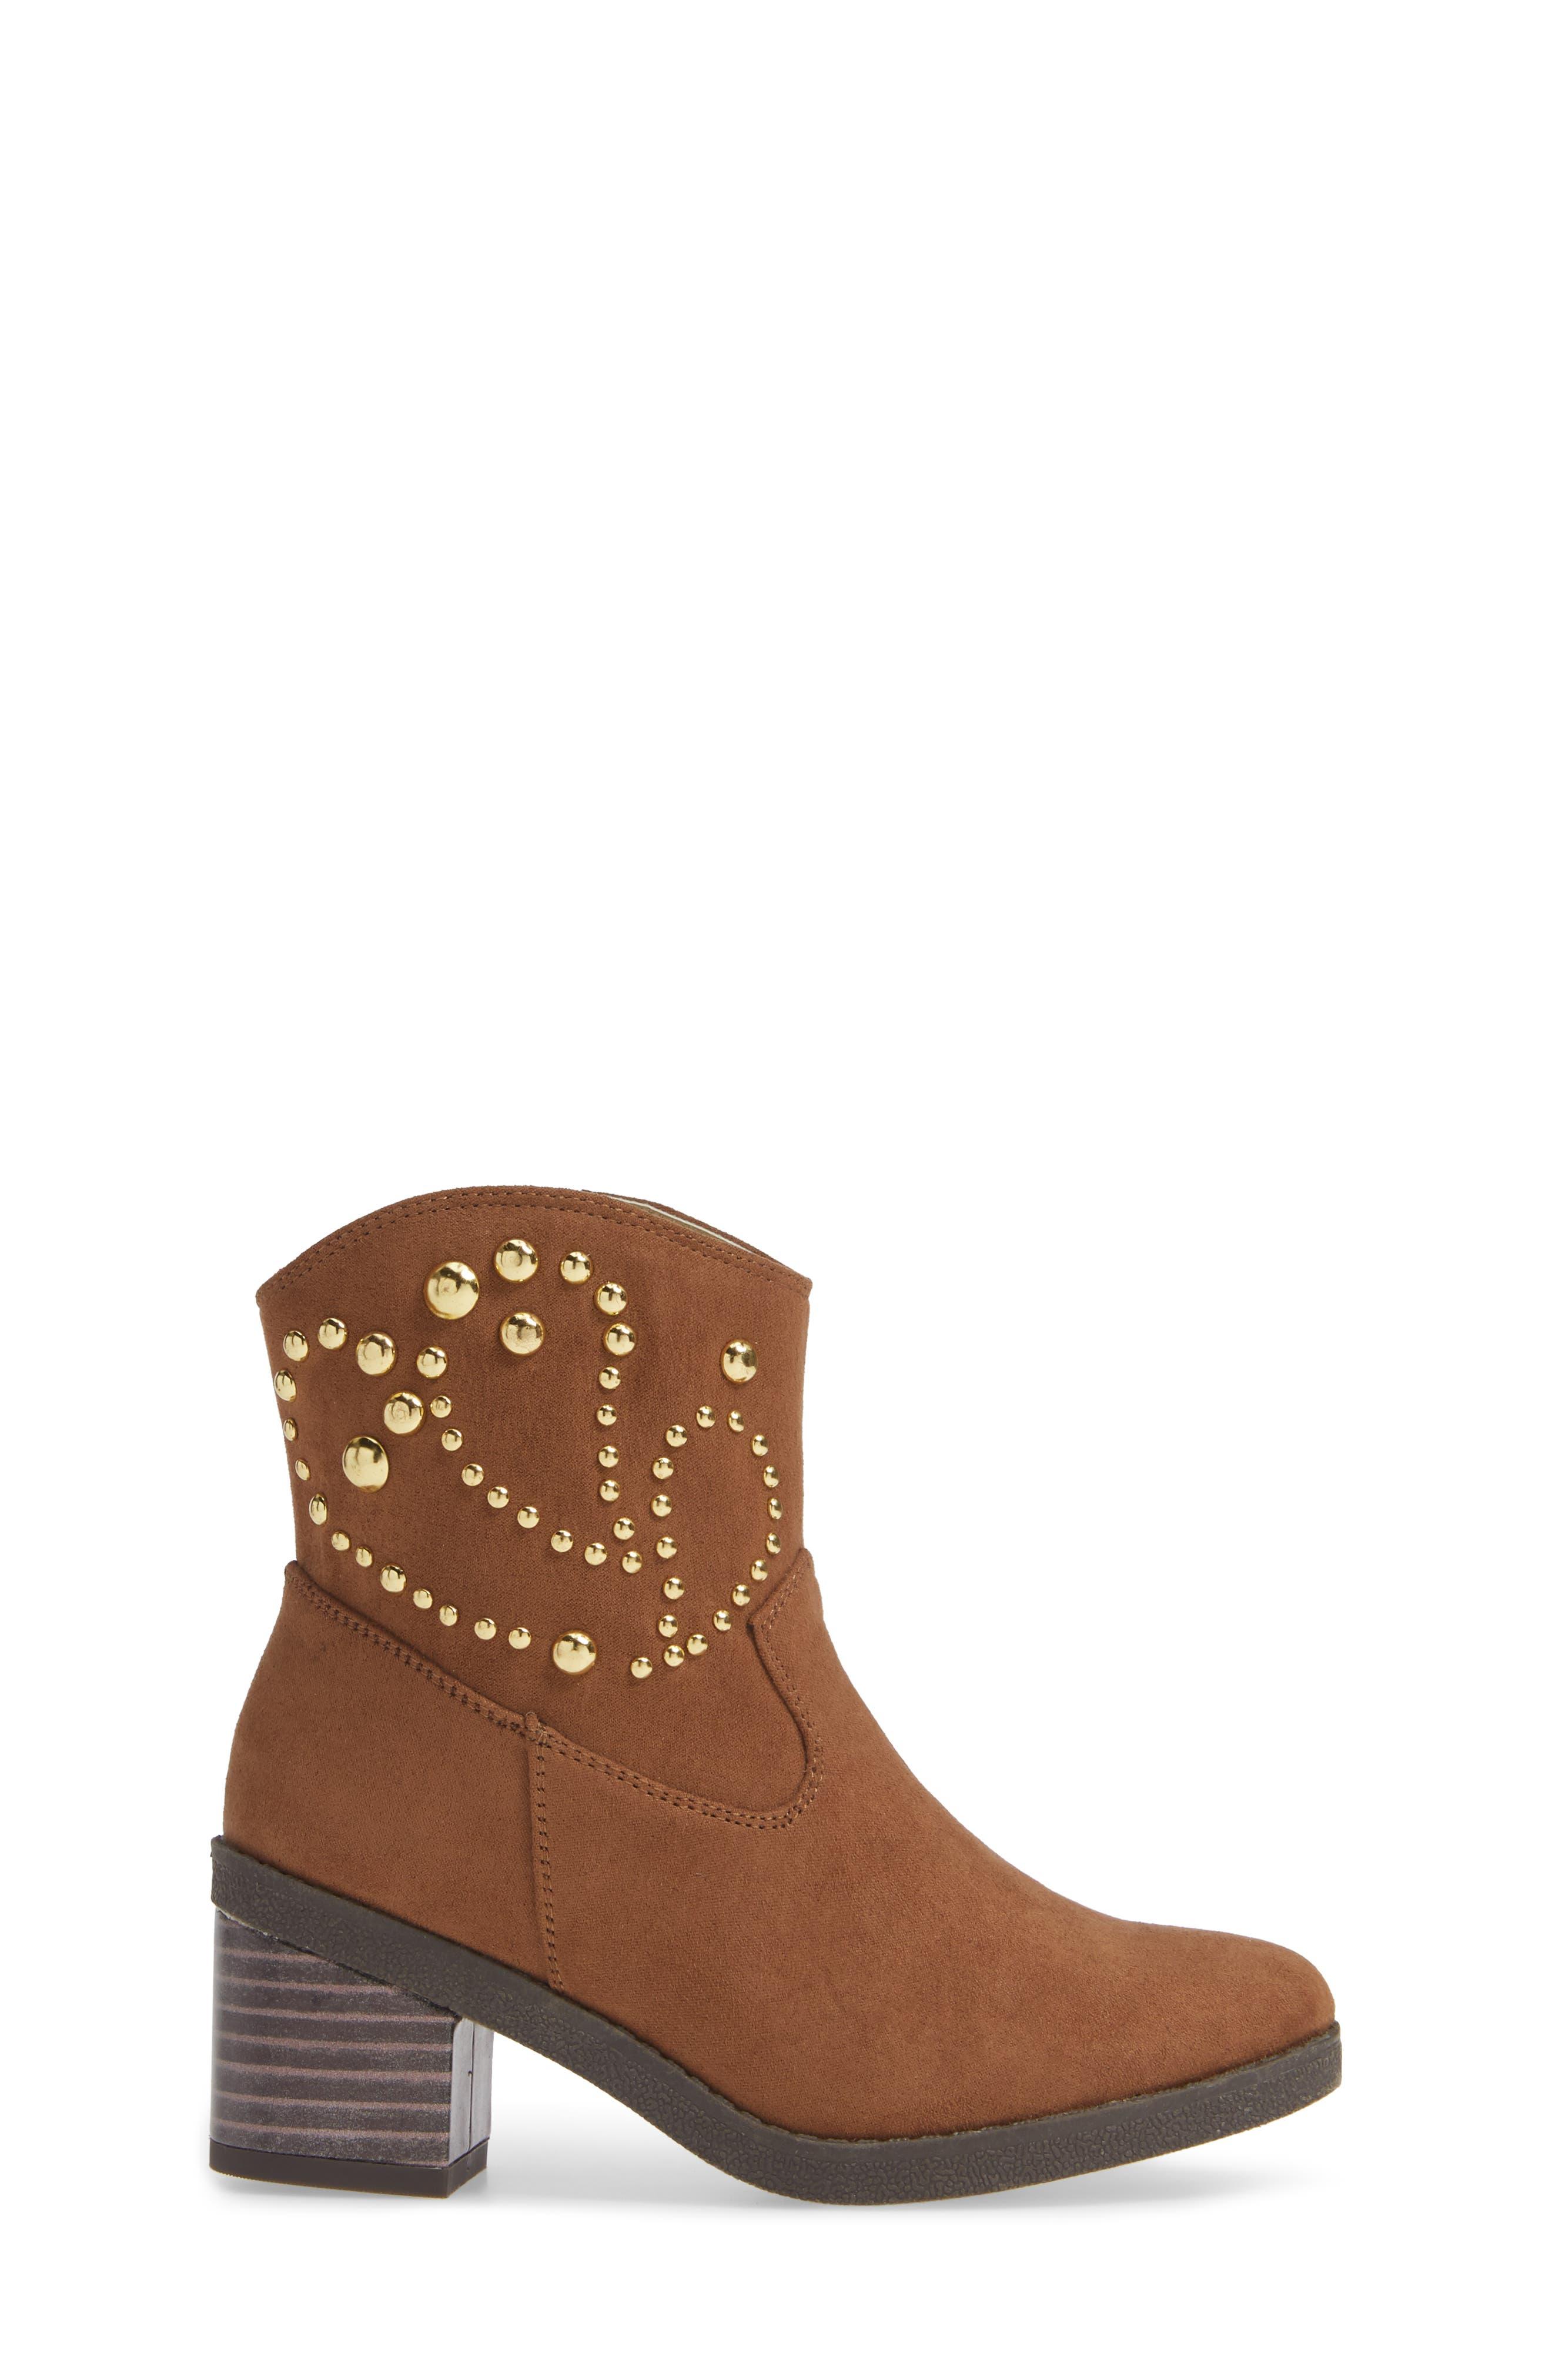 Fawn Desert Studded Boot,                             Alternate thumbnail 3, color,                             CARAMEL